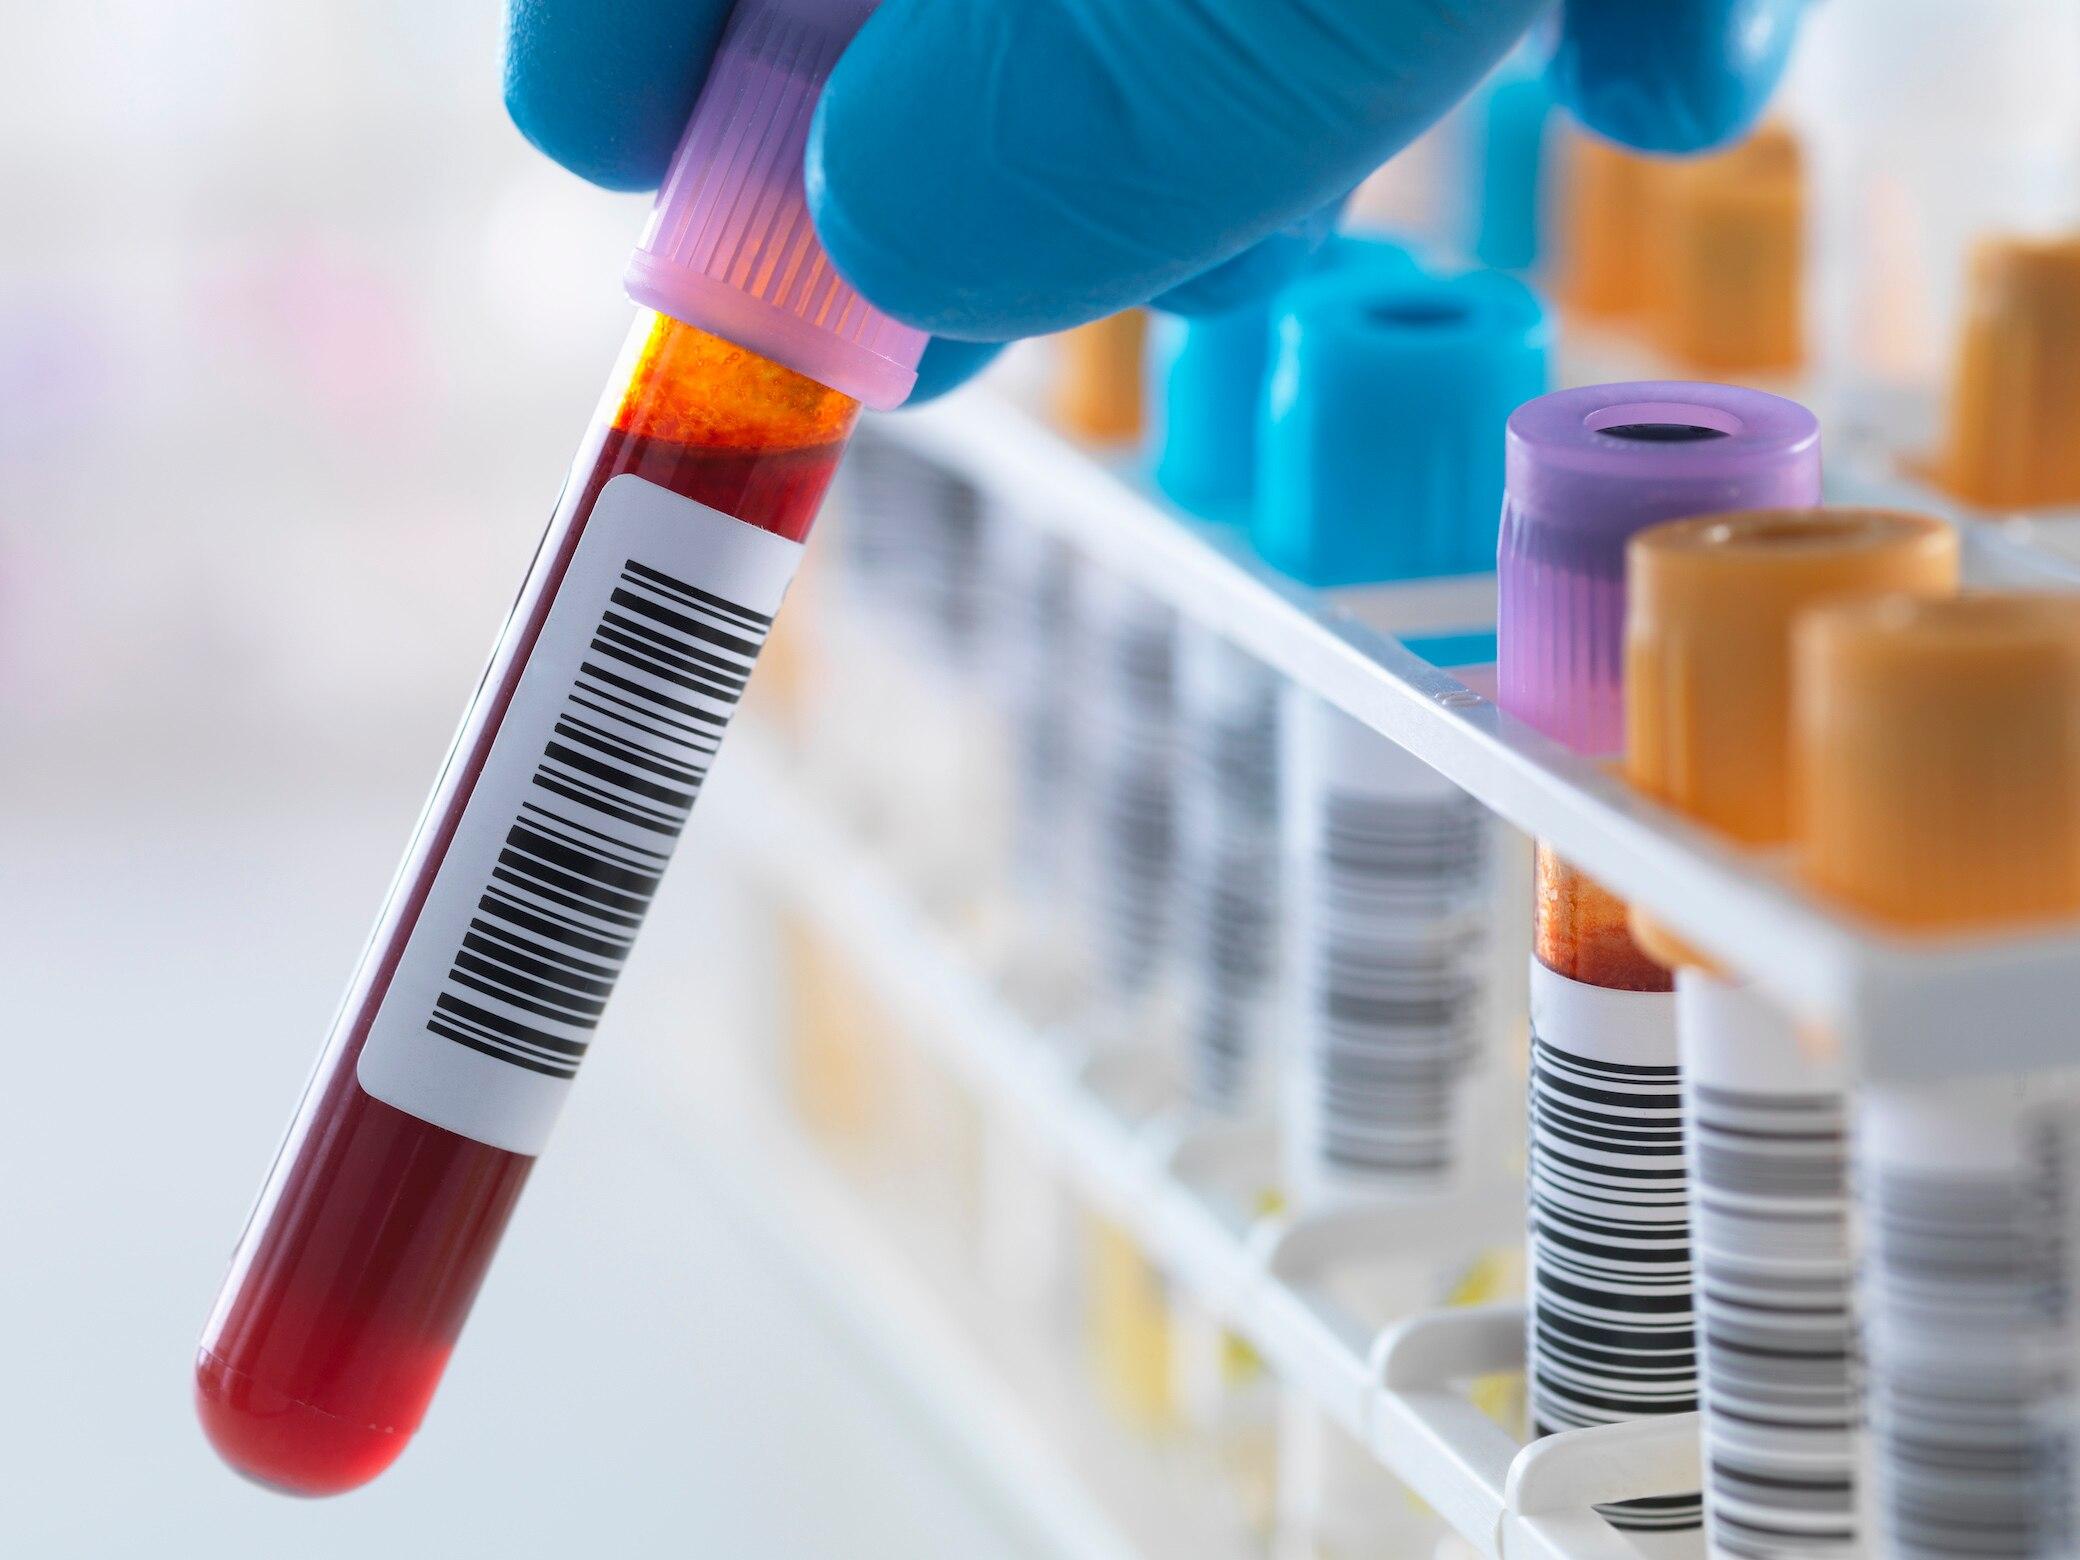 Diese Blutwerte könnten auf ein erhöhtes Sterberisiko hindeuten